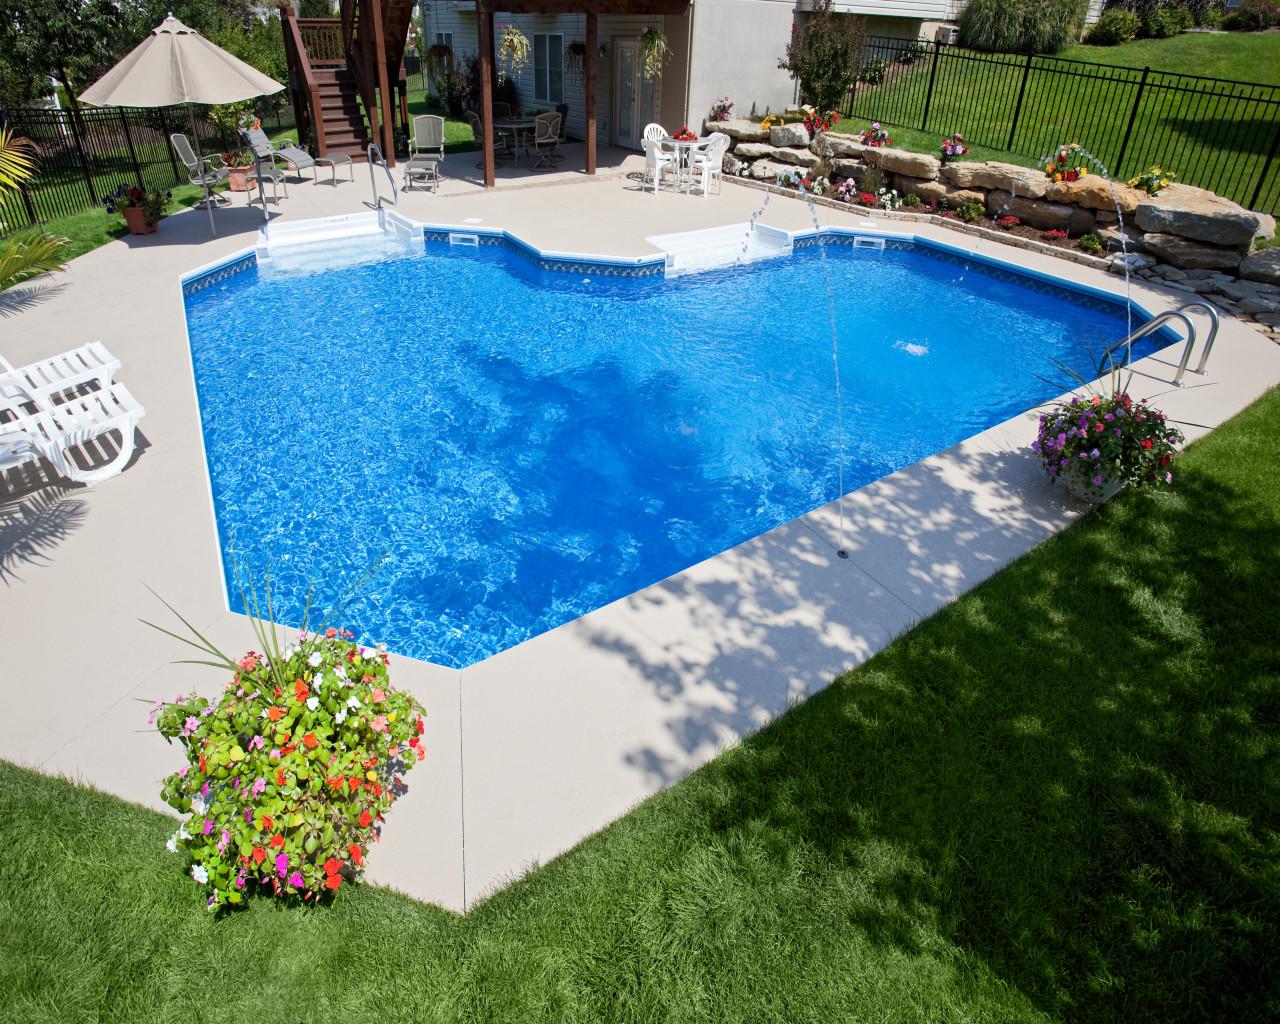 27 - Ell Pool